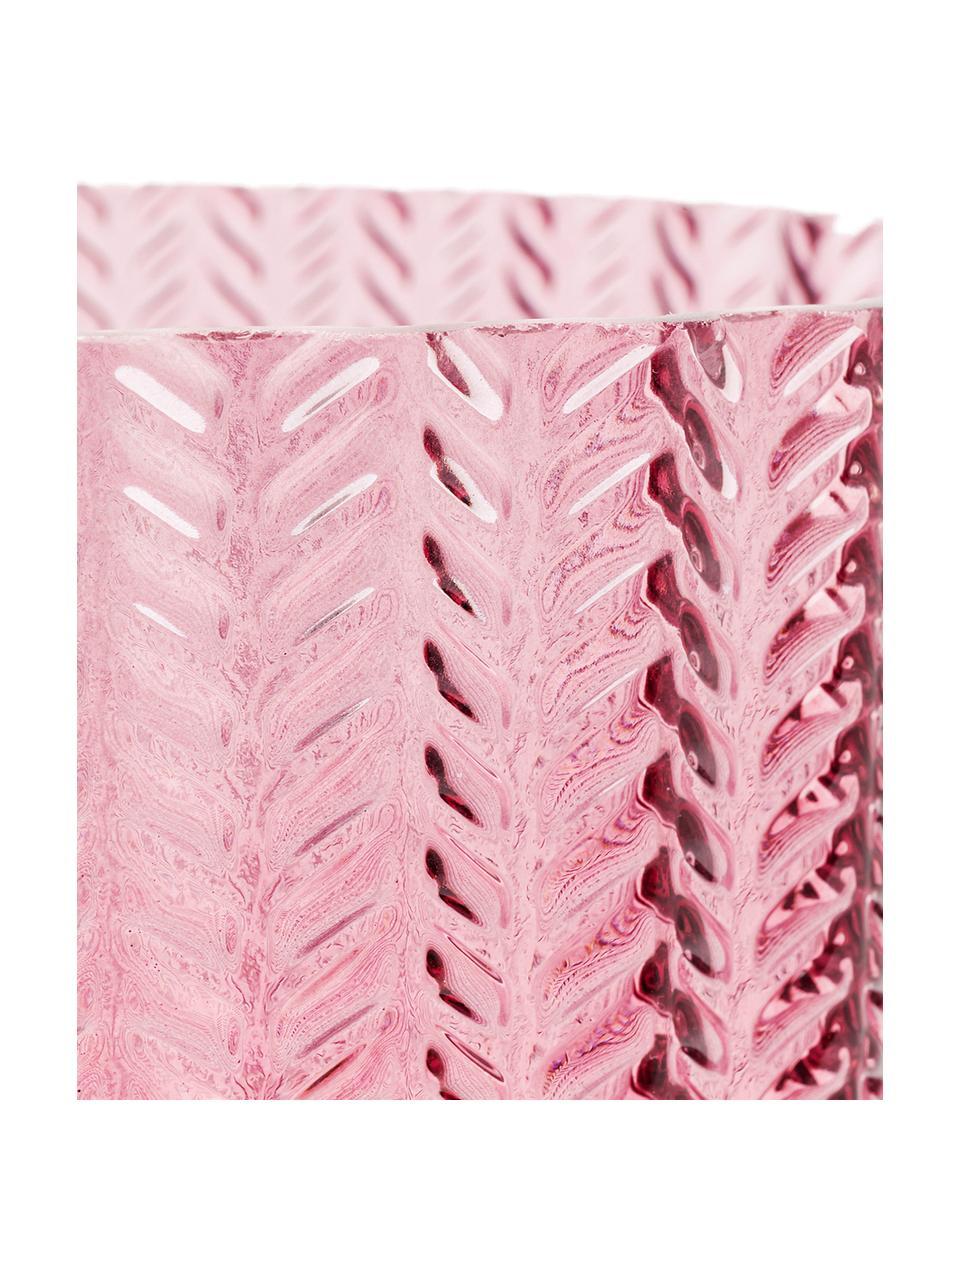 Wazon ze szkła z mosiężną podstawą Barfly, Blady różowy, transparentny, Ø 17 x W 24 cm